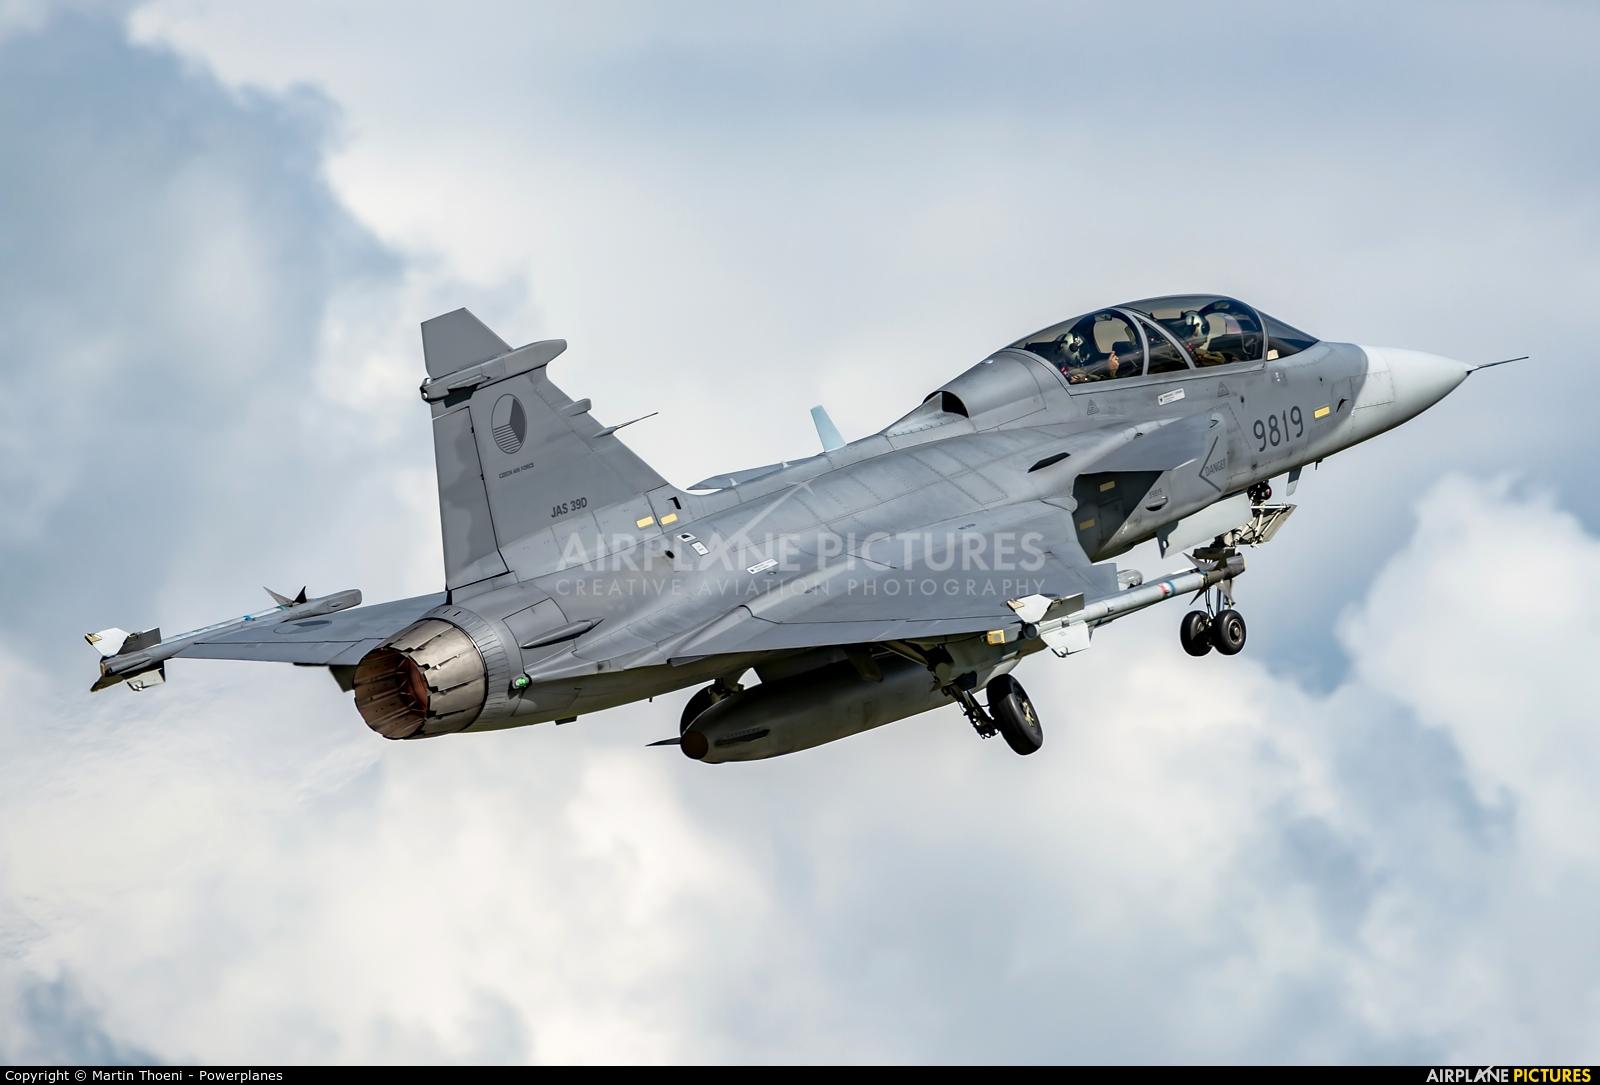 Czech - Air Force 9819 aircraft at Payerne